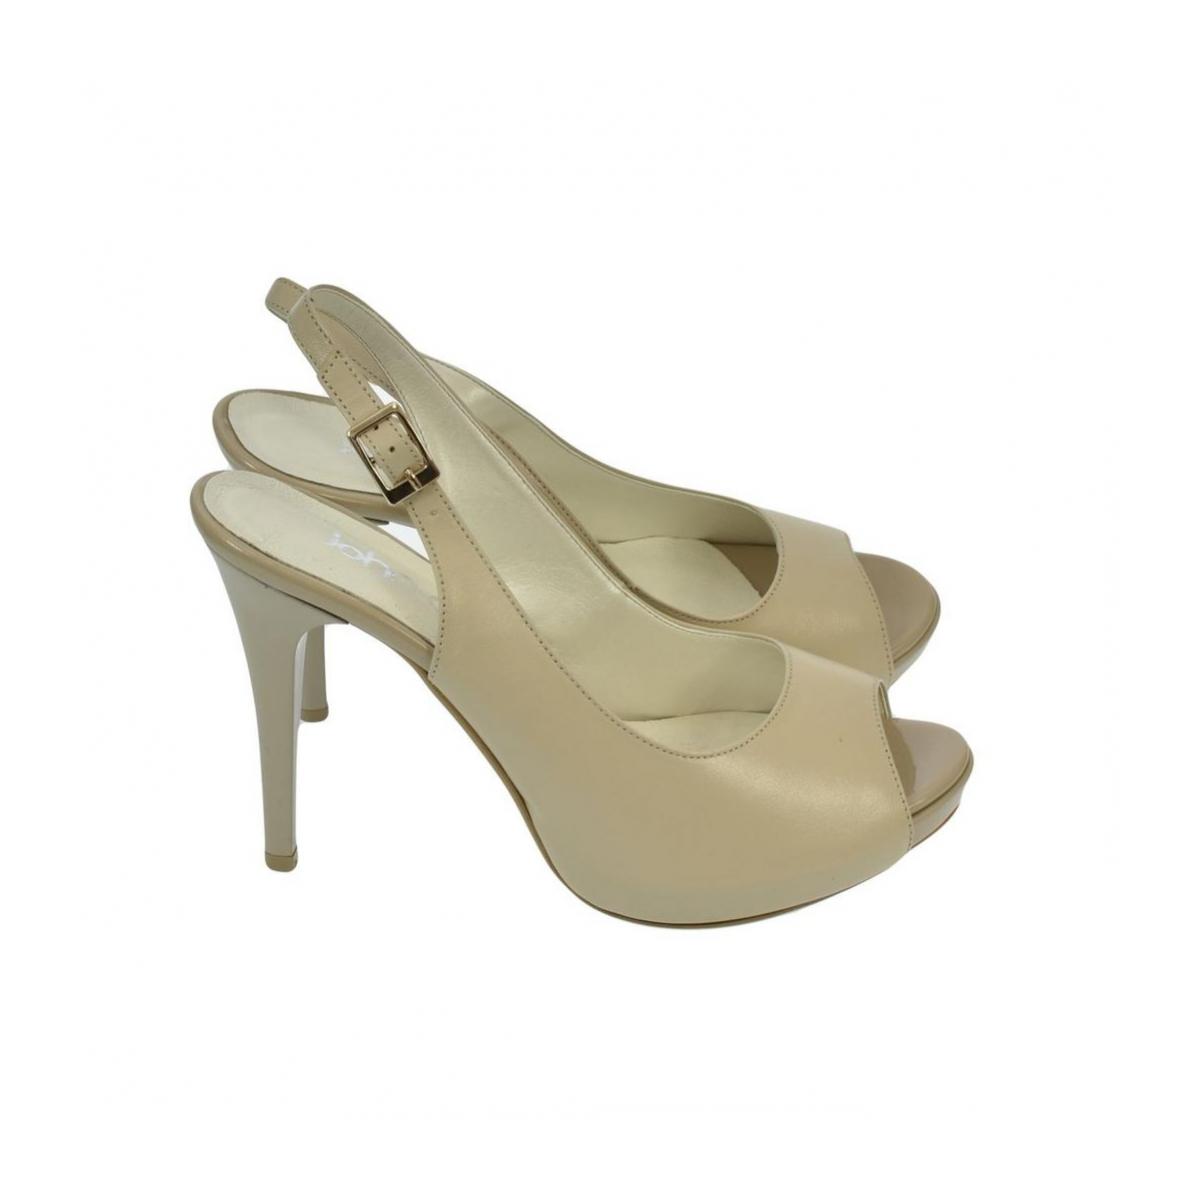 bda2f928ead7 Dámske kožené béžové sandále SINNI - 4